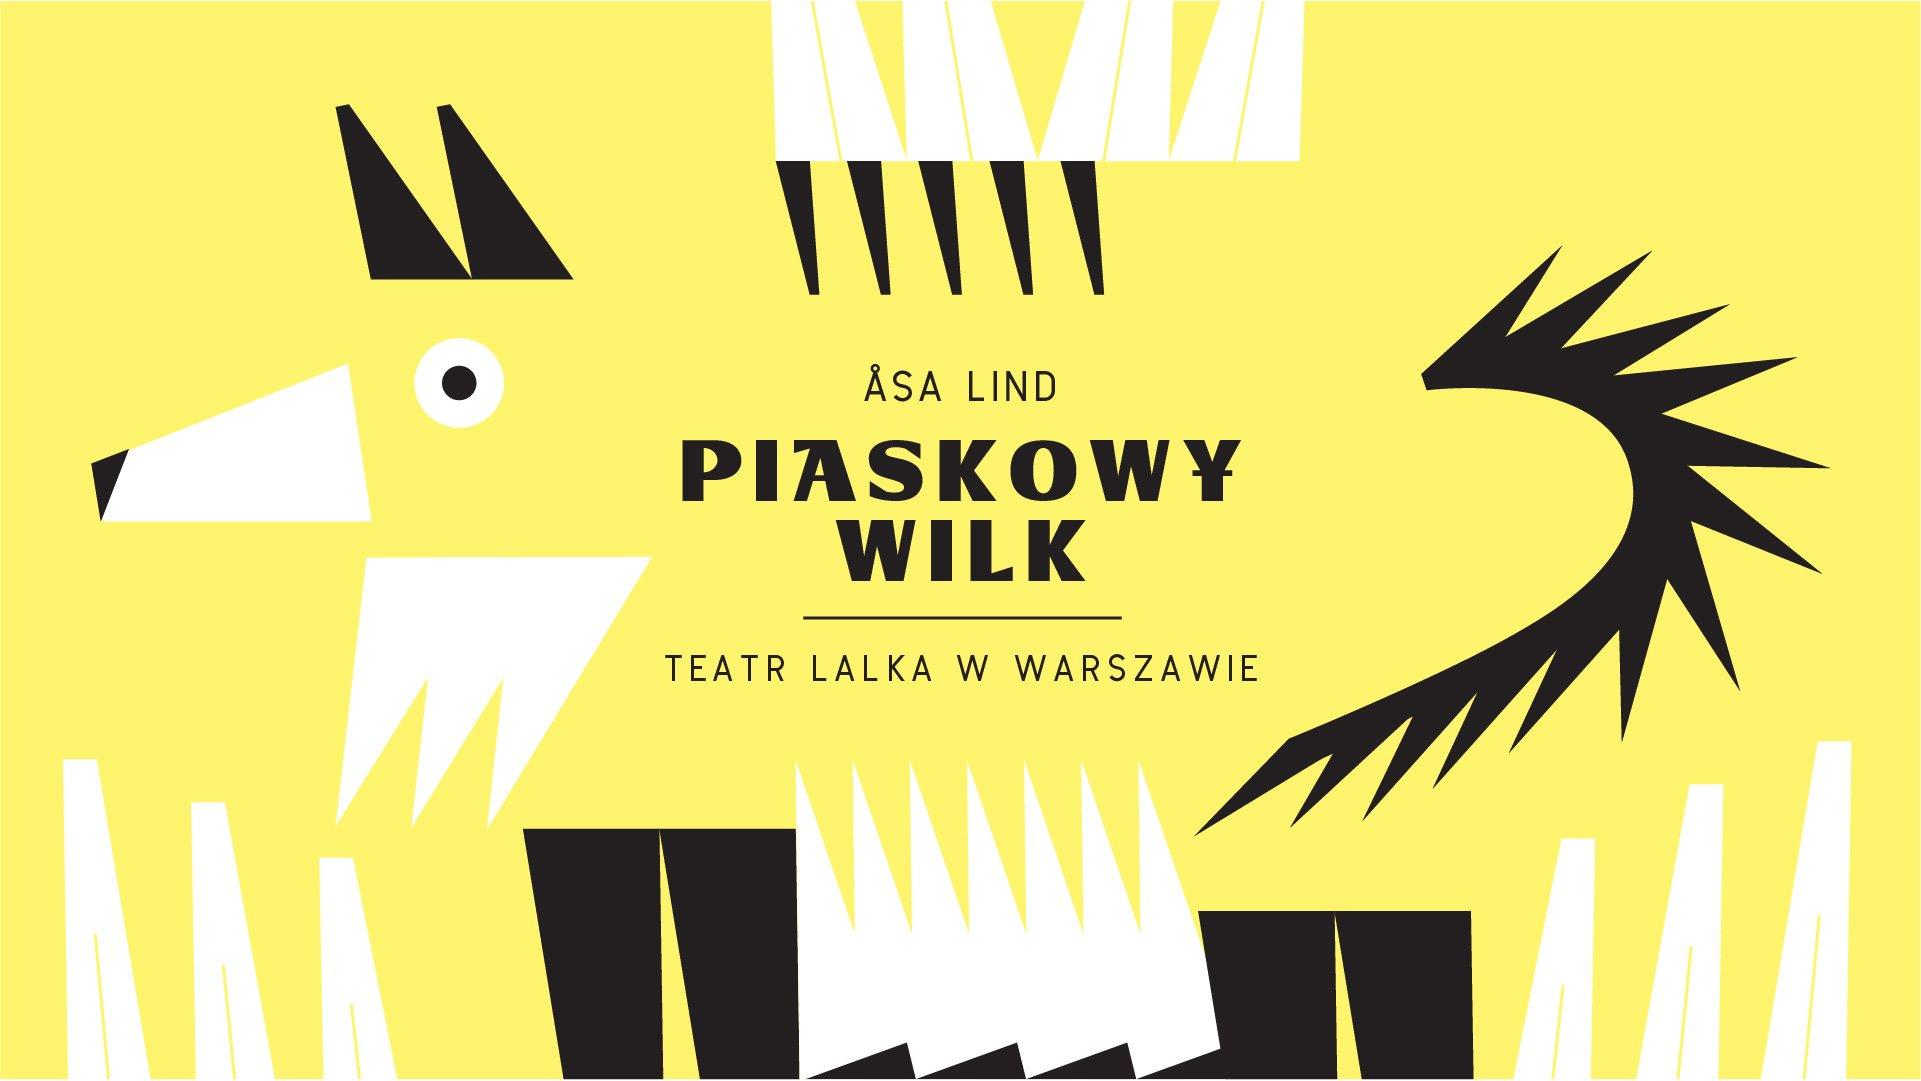 Piaskowy Wilk w Teatrze Lalka